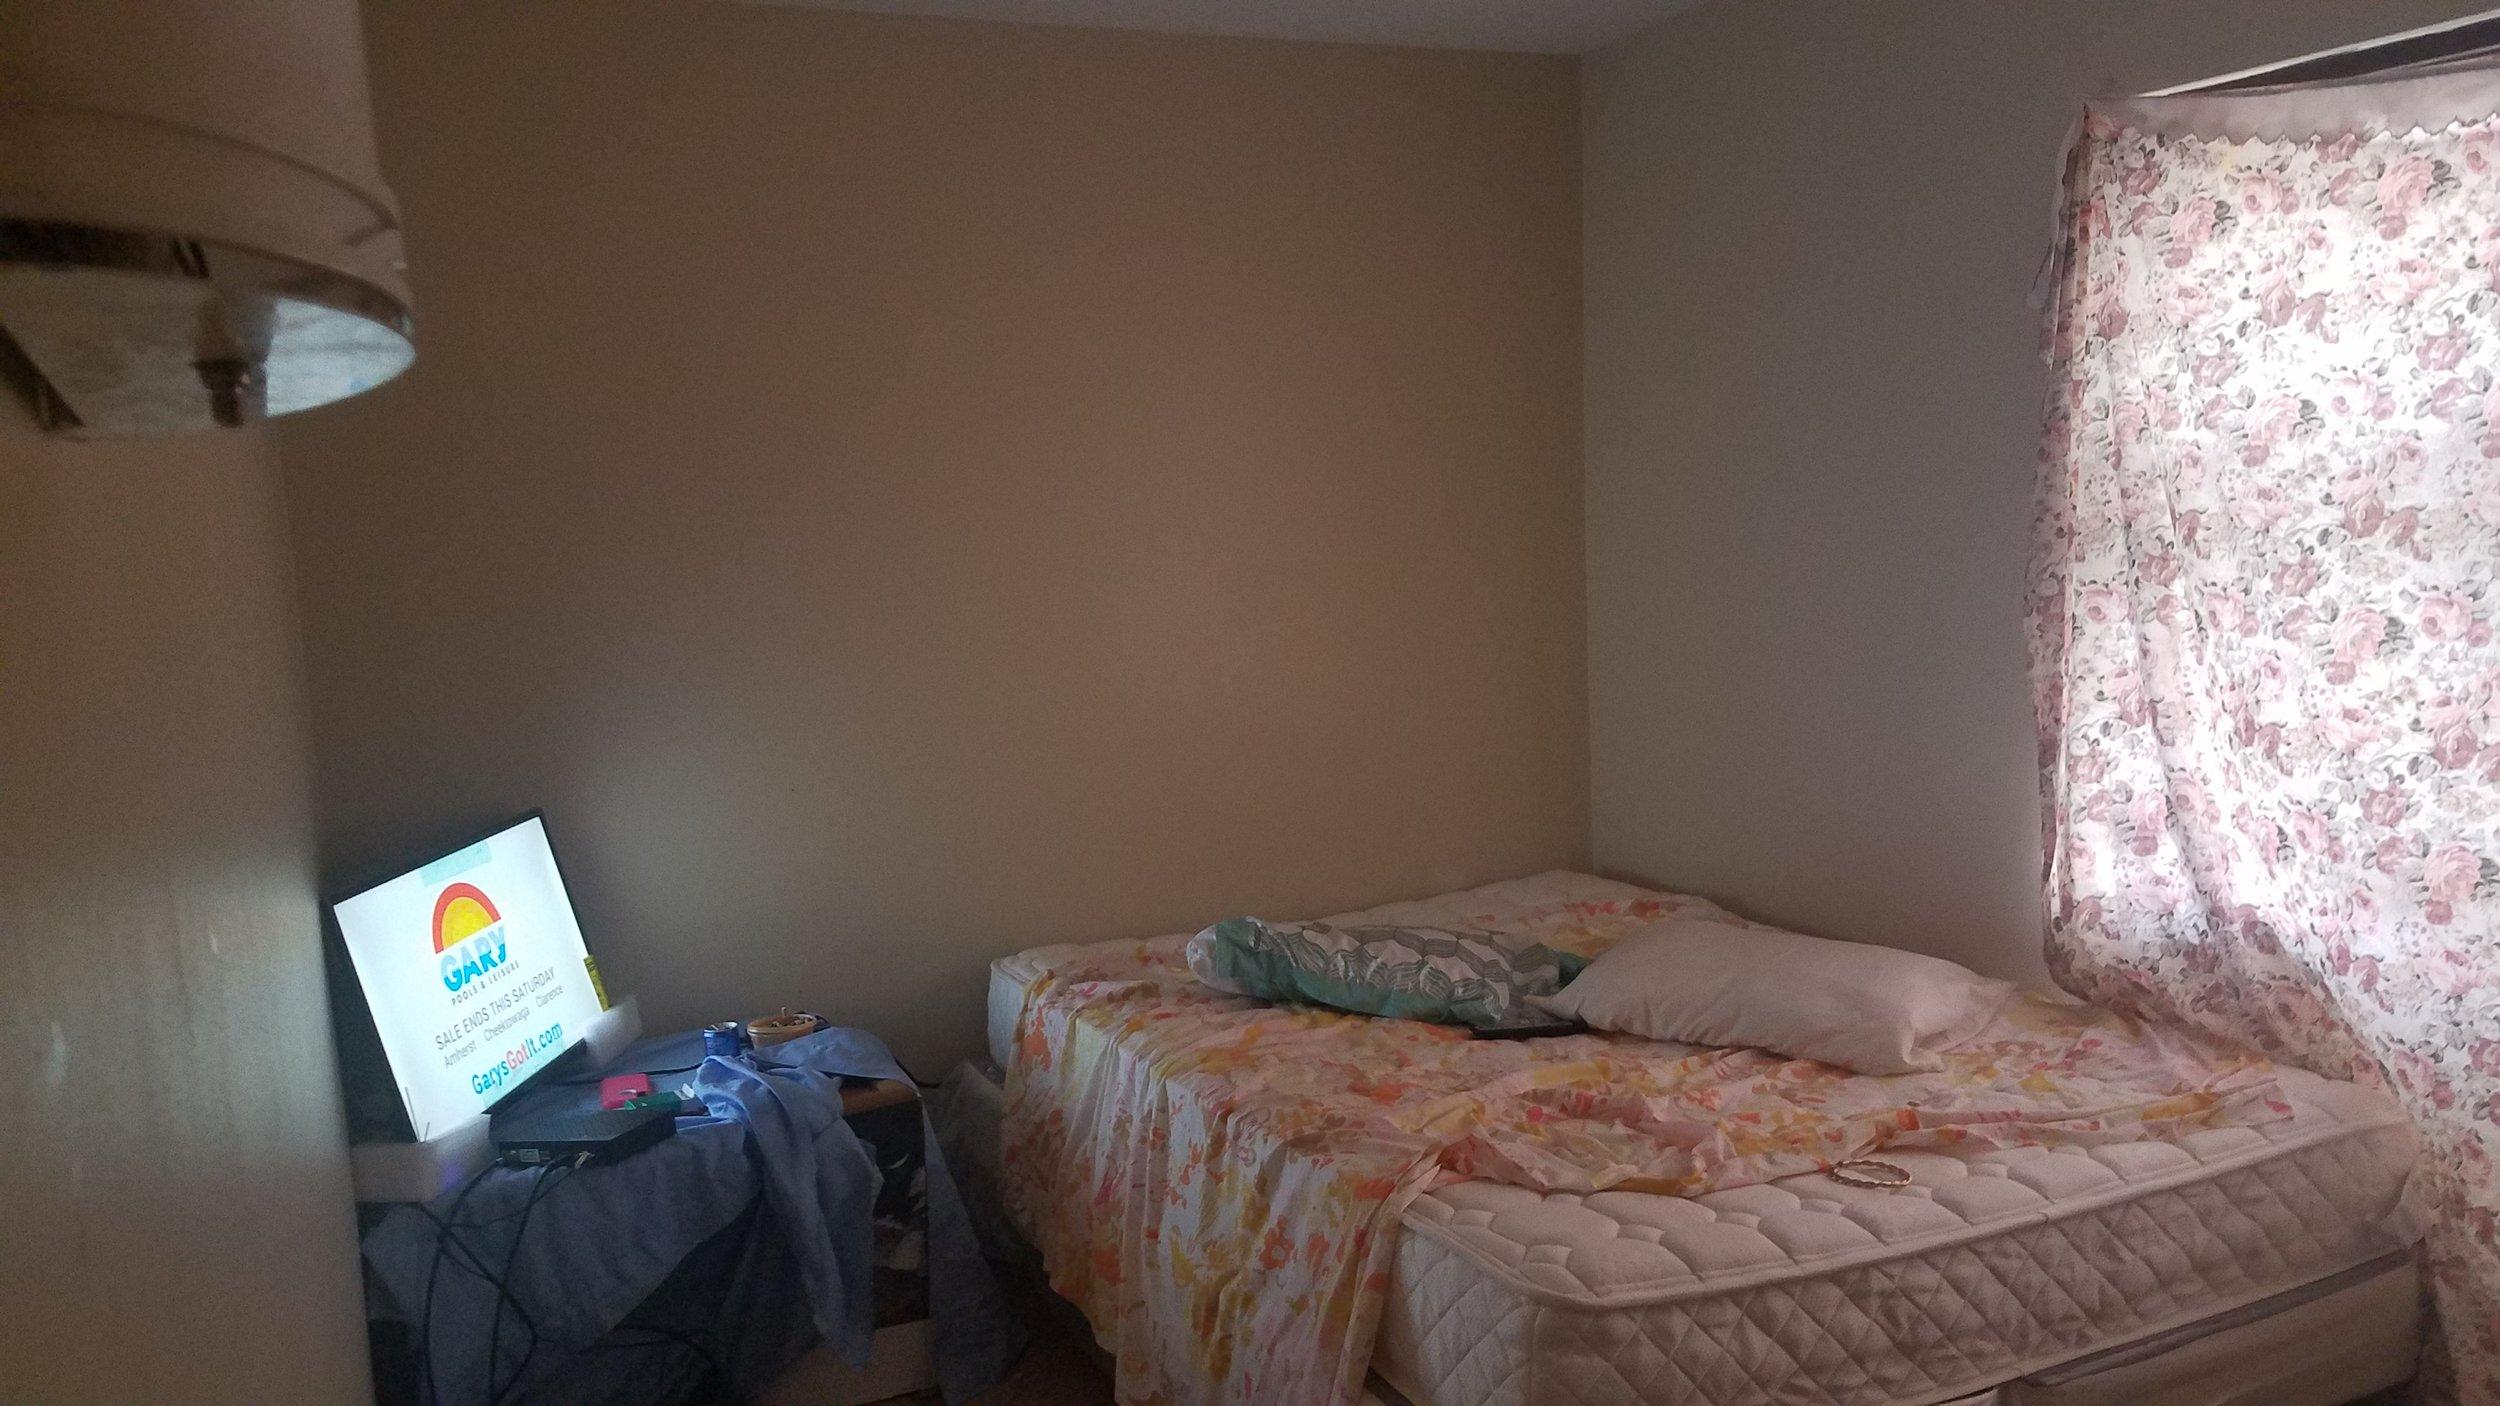 Mothers room  before 3.jpg